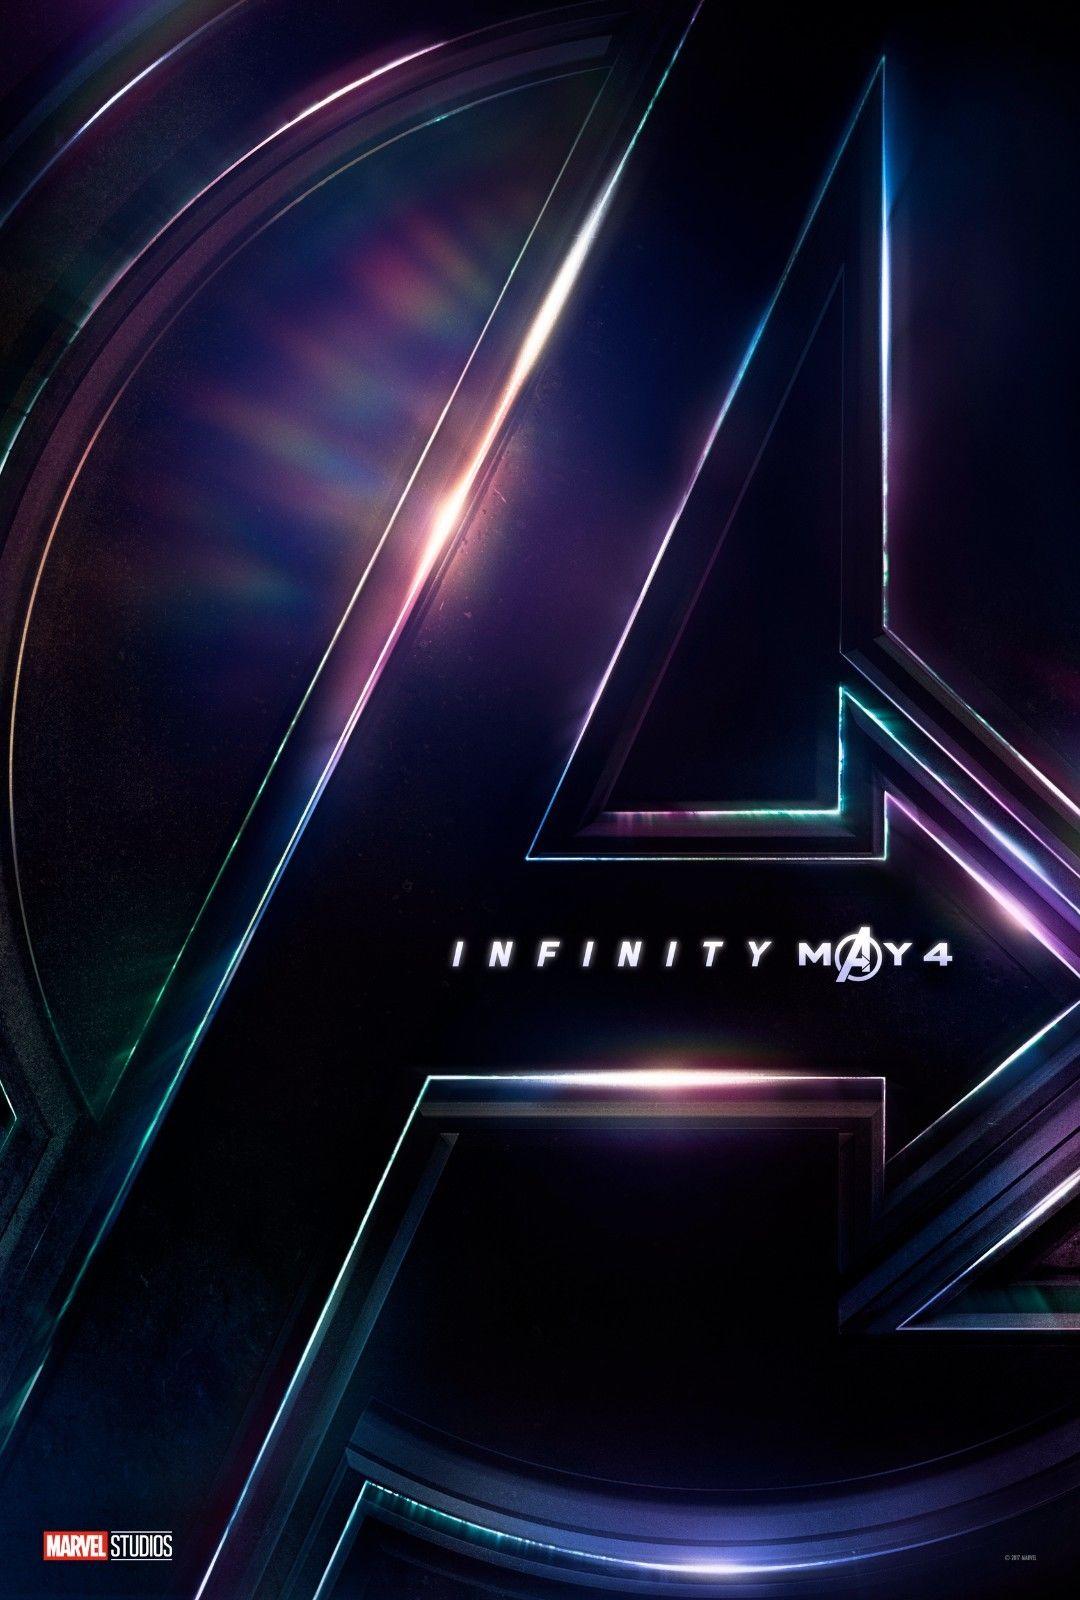 989 avengers infinity war poster marvel movie art film